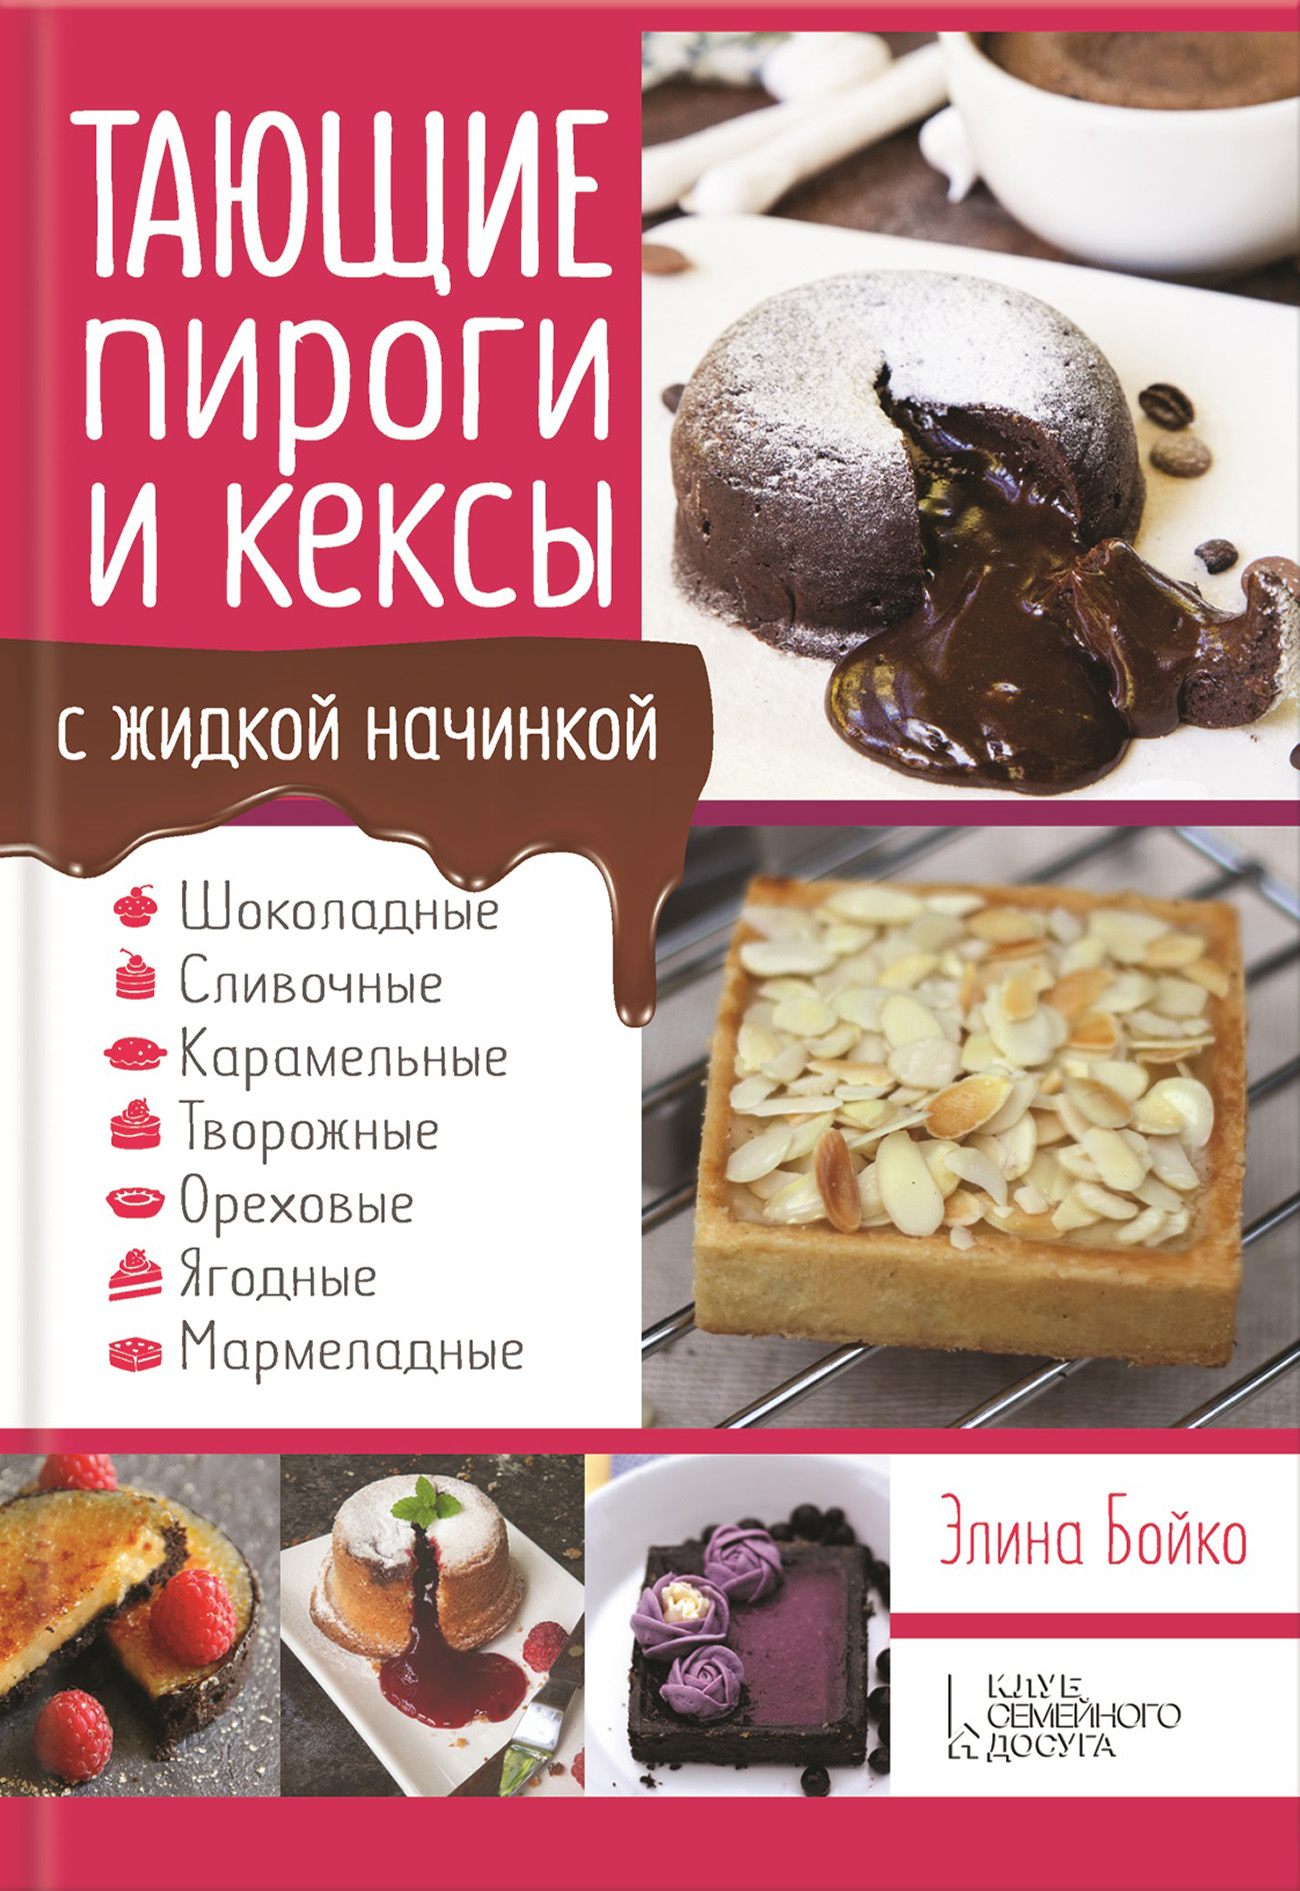 Элина Бойко Тающие пироги и кексы с жидкой начинкой. Шоколадные, сливочные, карамельные, творожные, ореховые, ягодные, мармеладные александра черкашина сладкие рулеты бисквитные ягодные ореховые шоколадные